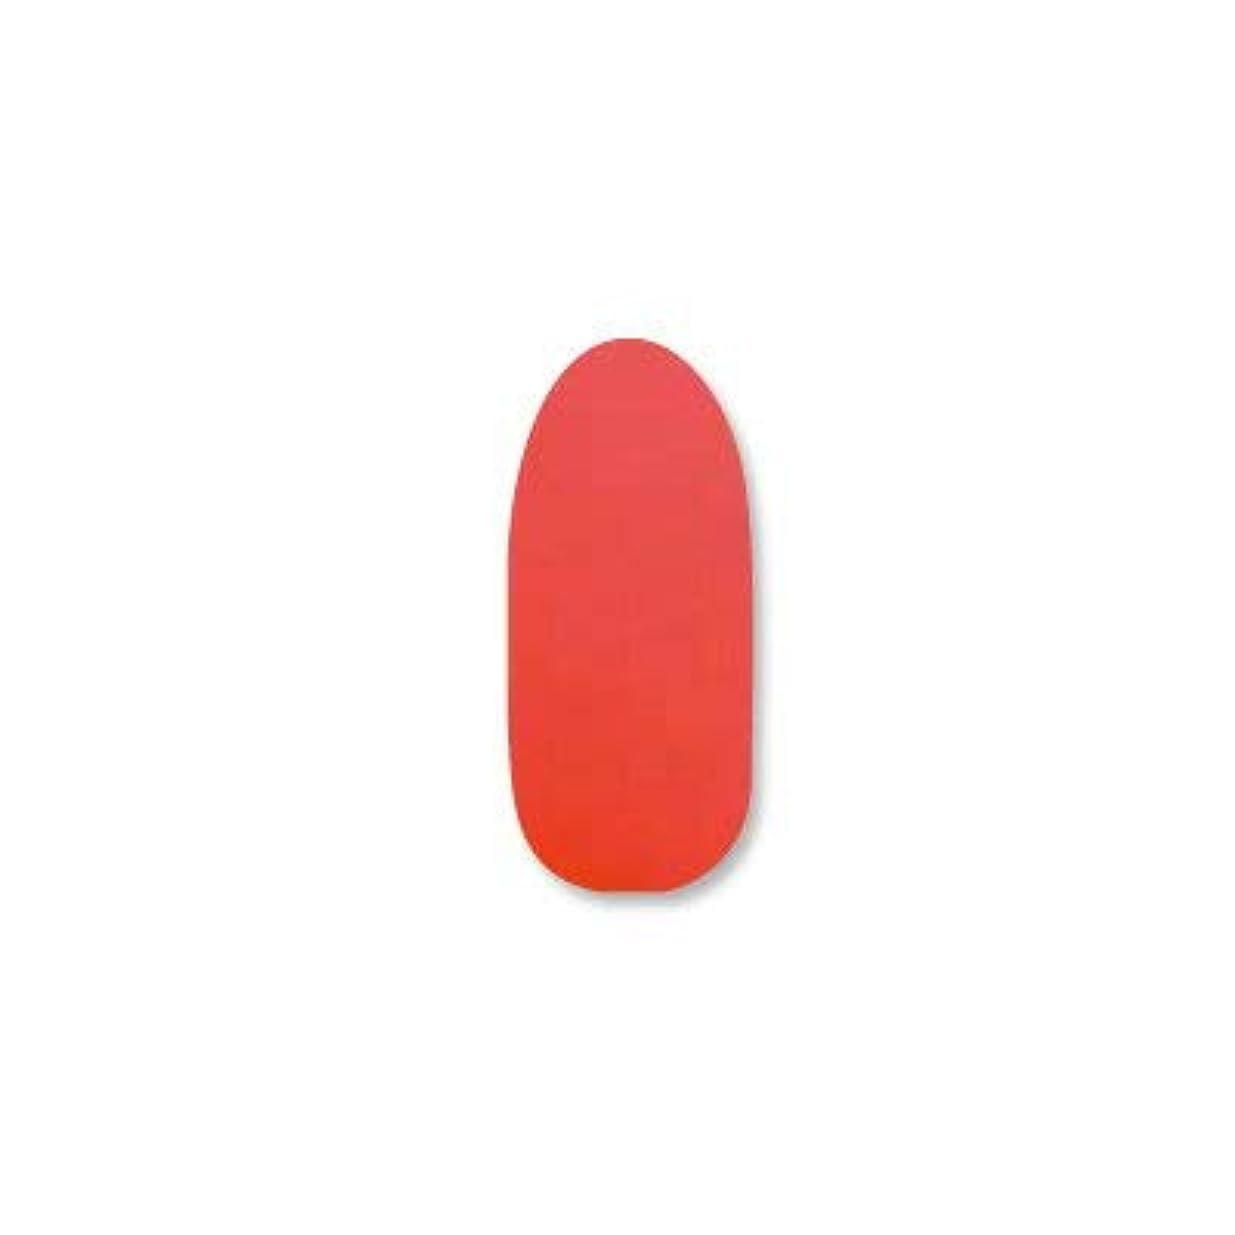 きつく発言する女性T-GEL COLLECTION カラージェル D046 ルミナスレッド 4ml